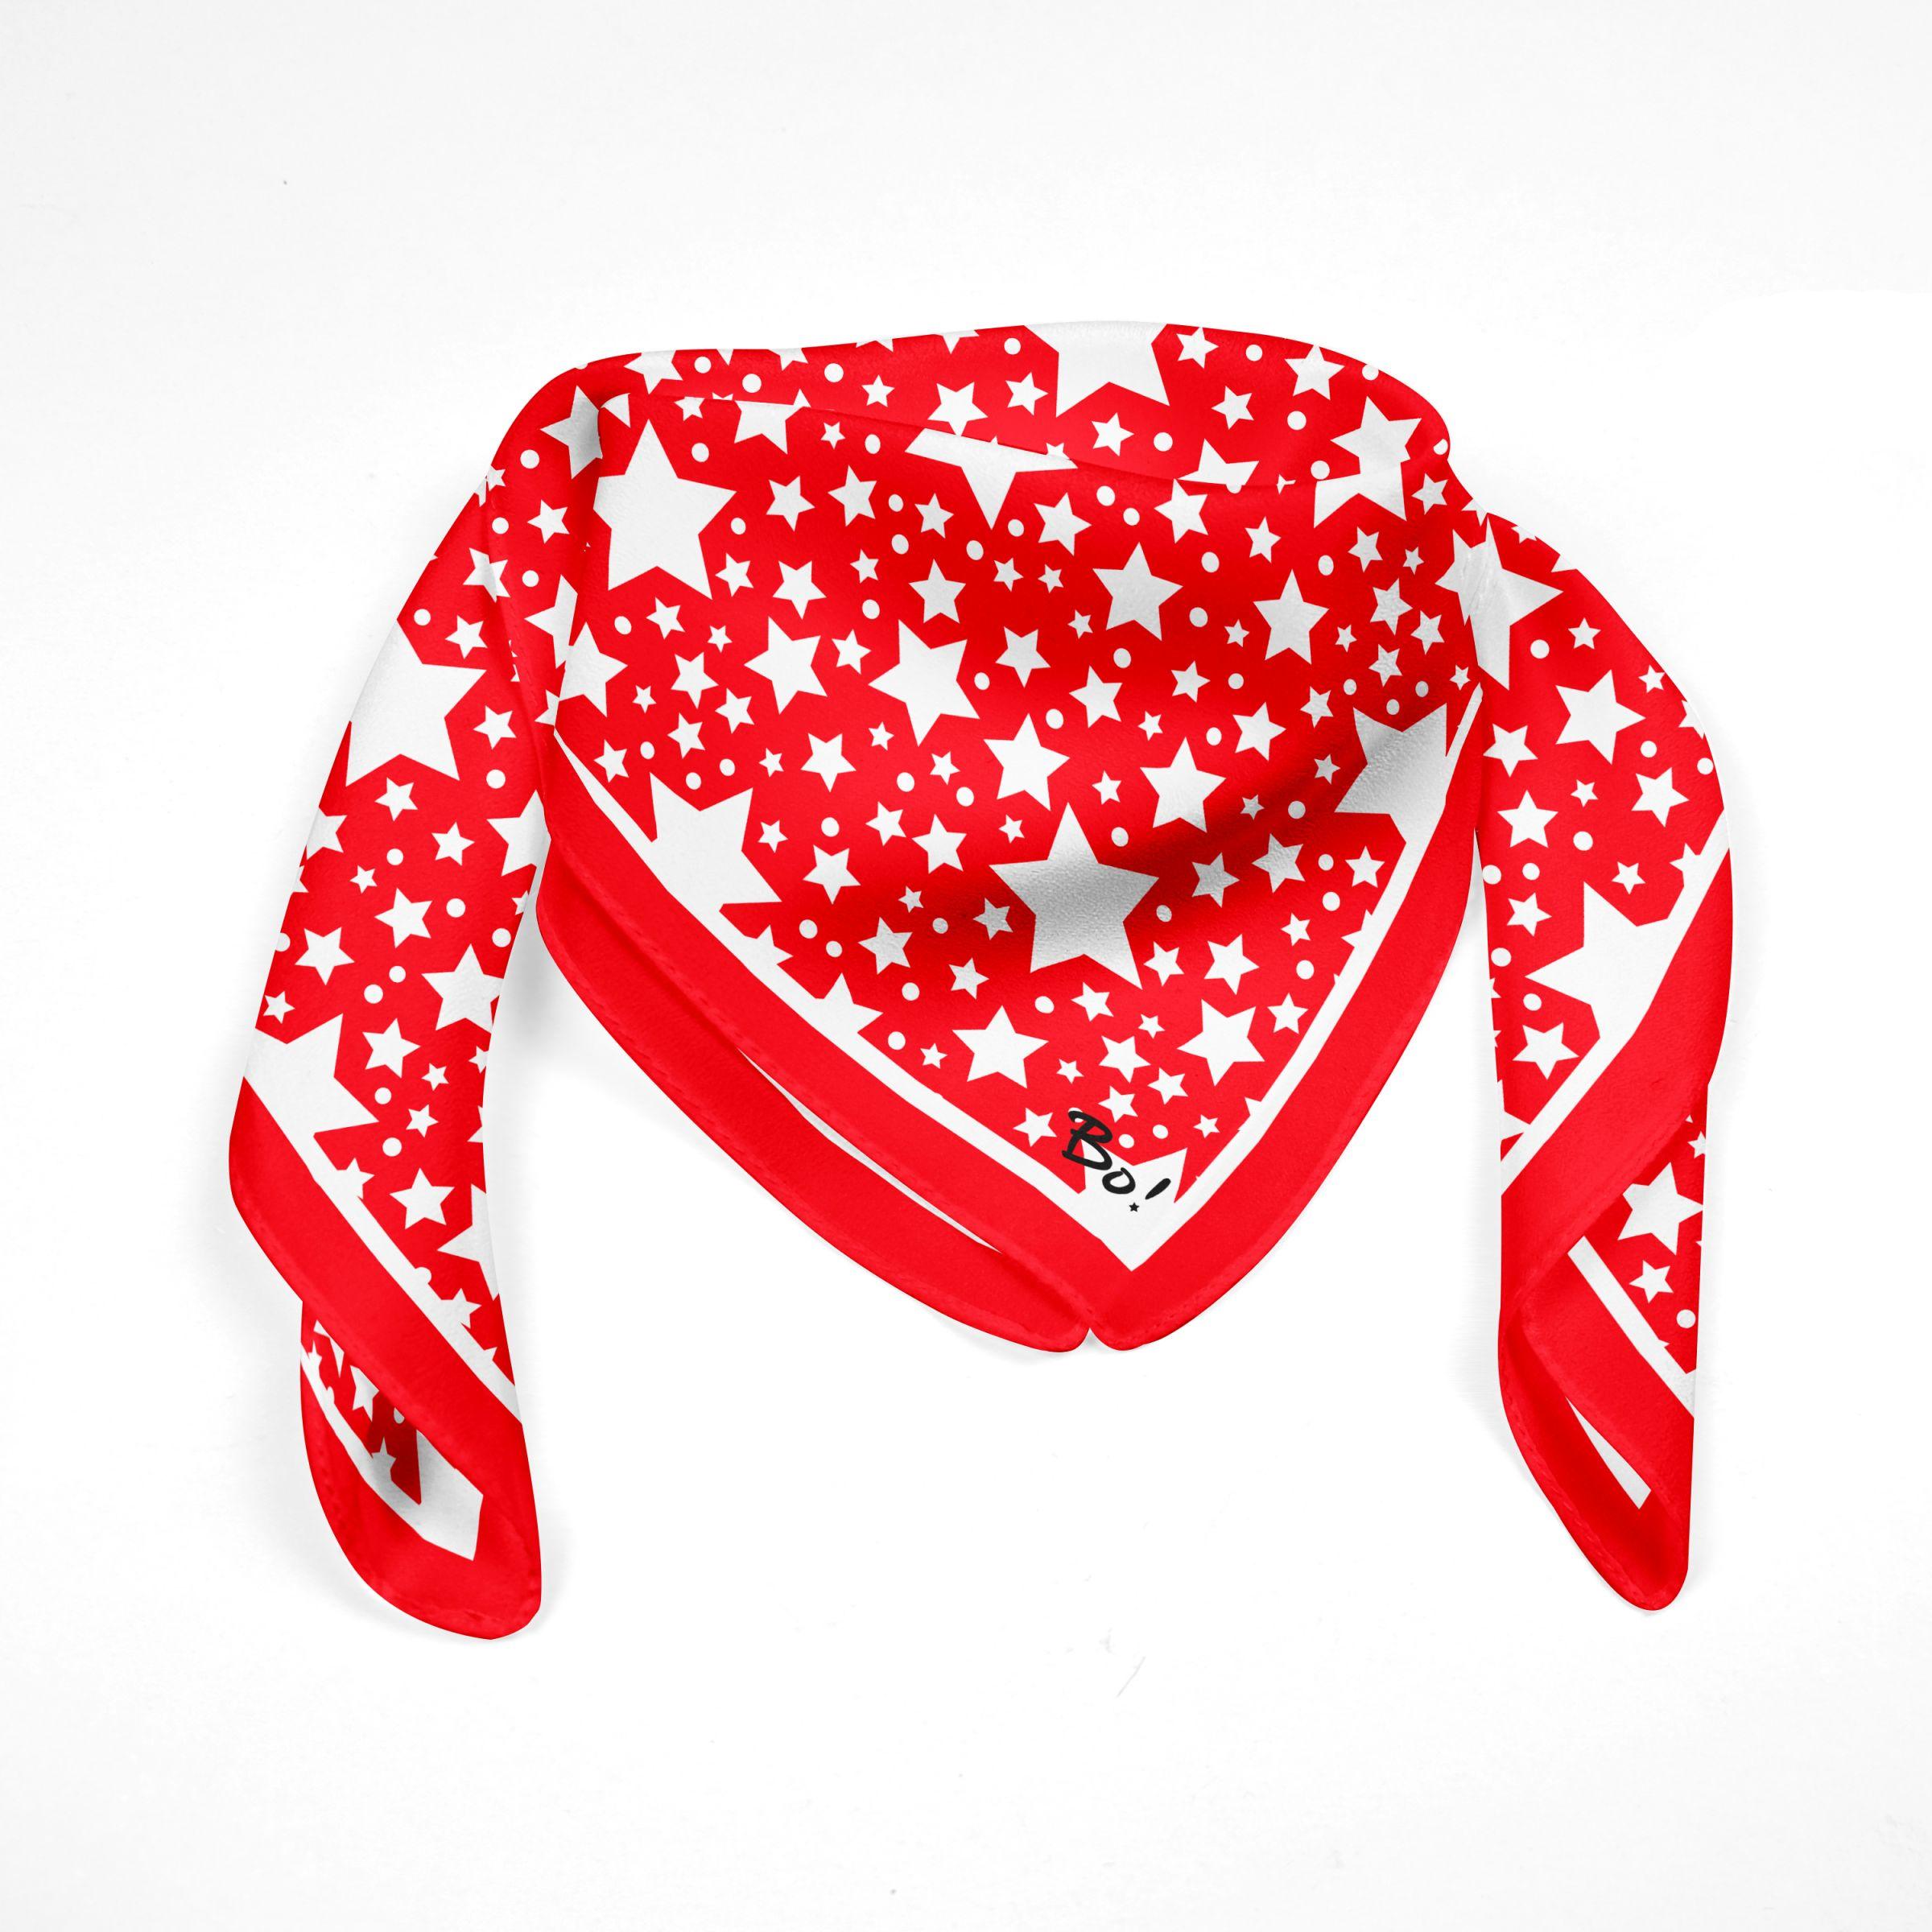 Pañuelo Estrellas Rojo 60x60